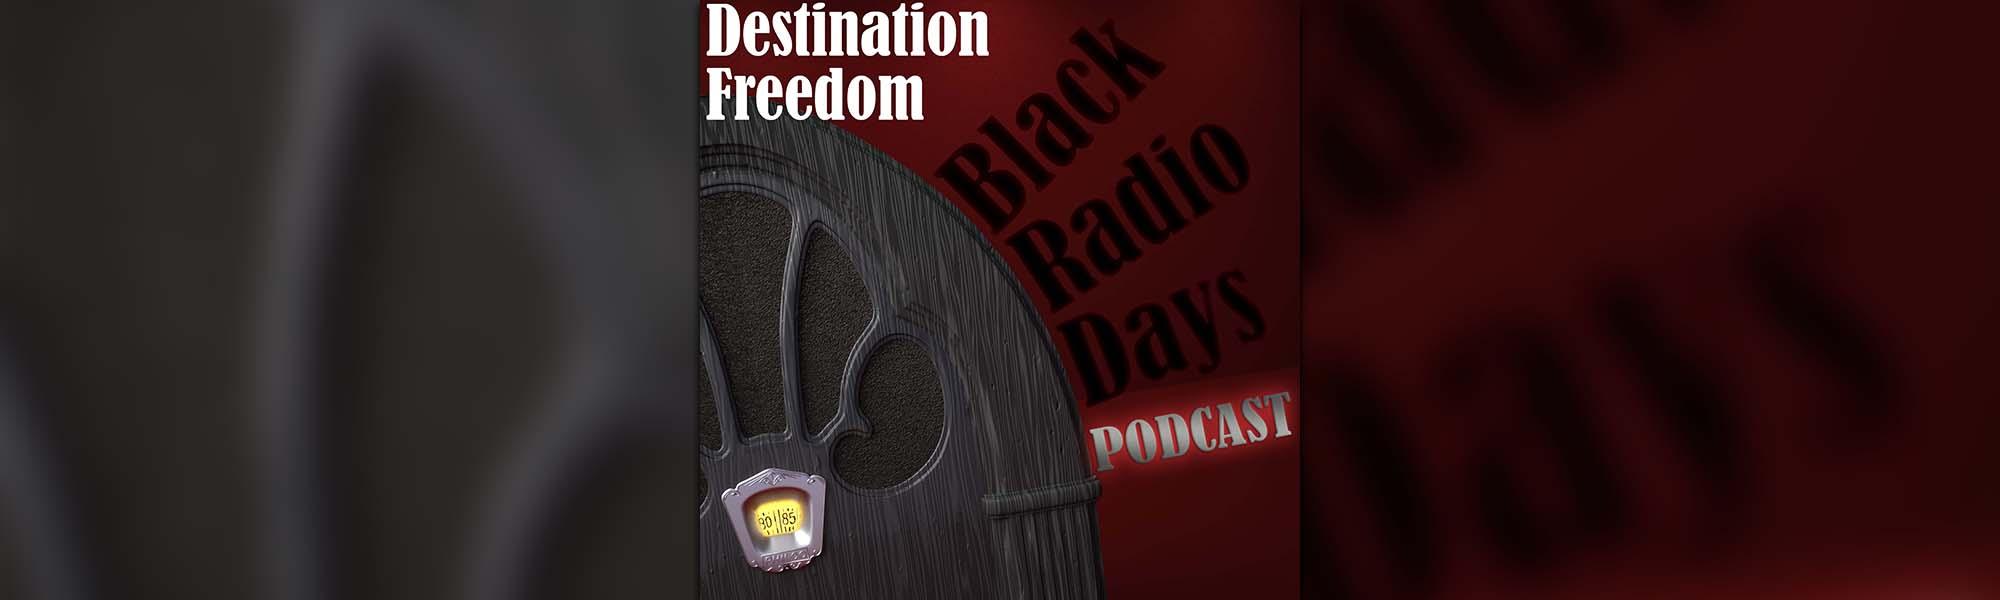 Destination Freedom - banner